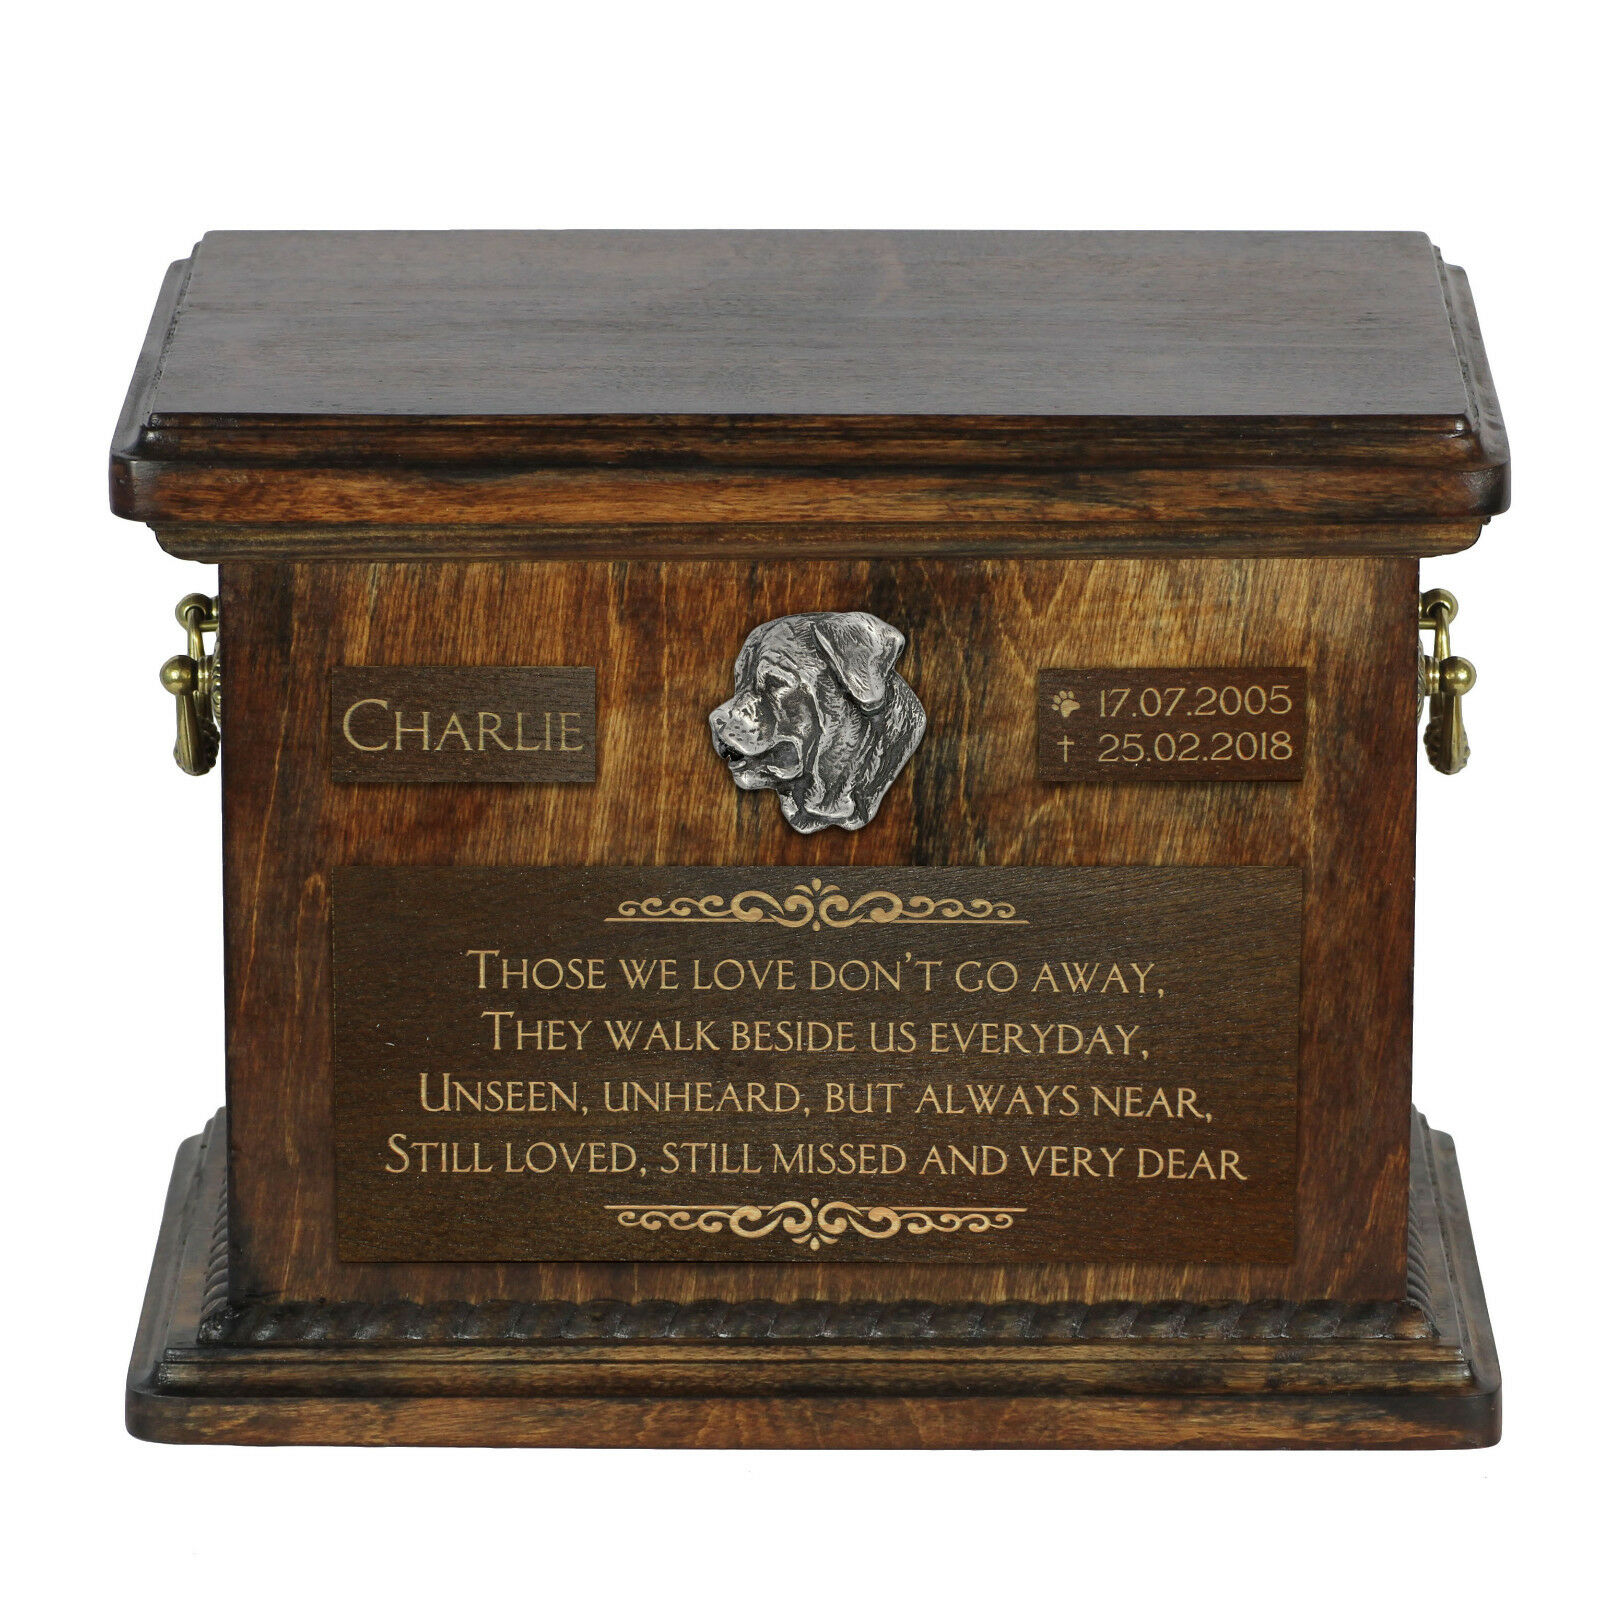 Toxa dog, perro, caja de cenizas para perros, perro de arte tipo 1, California.